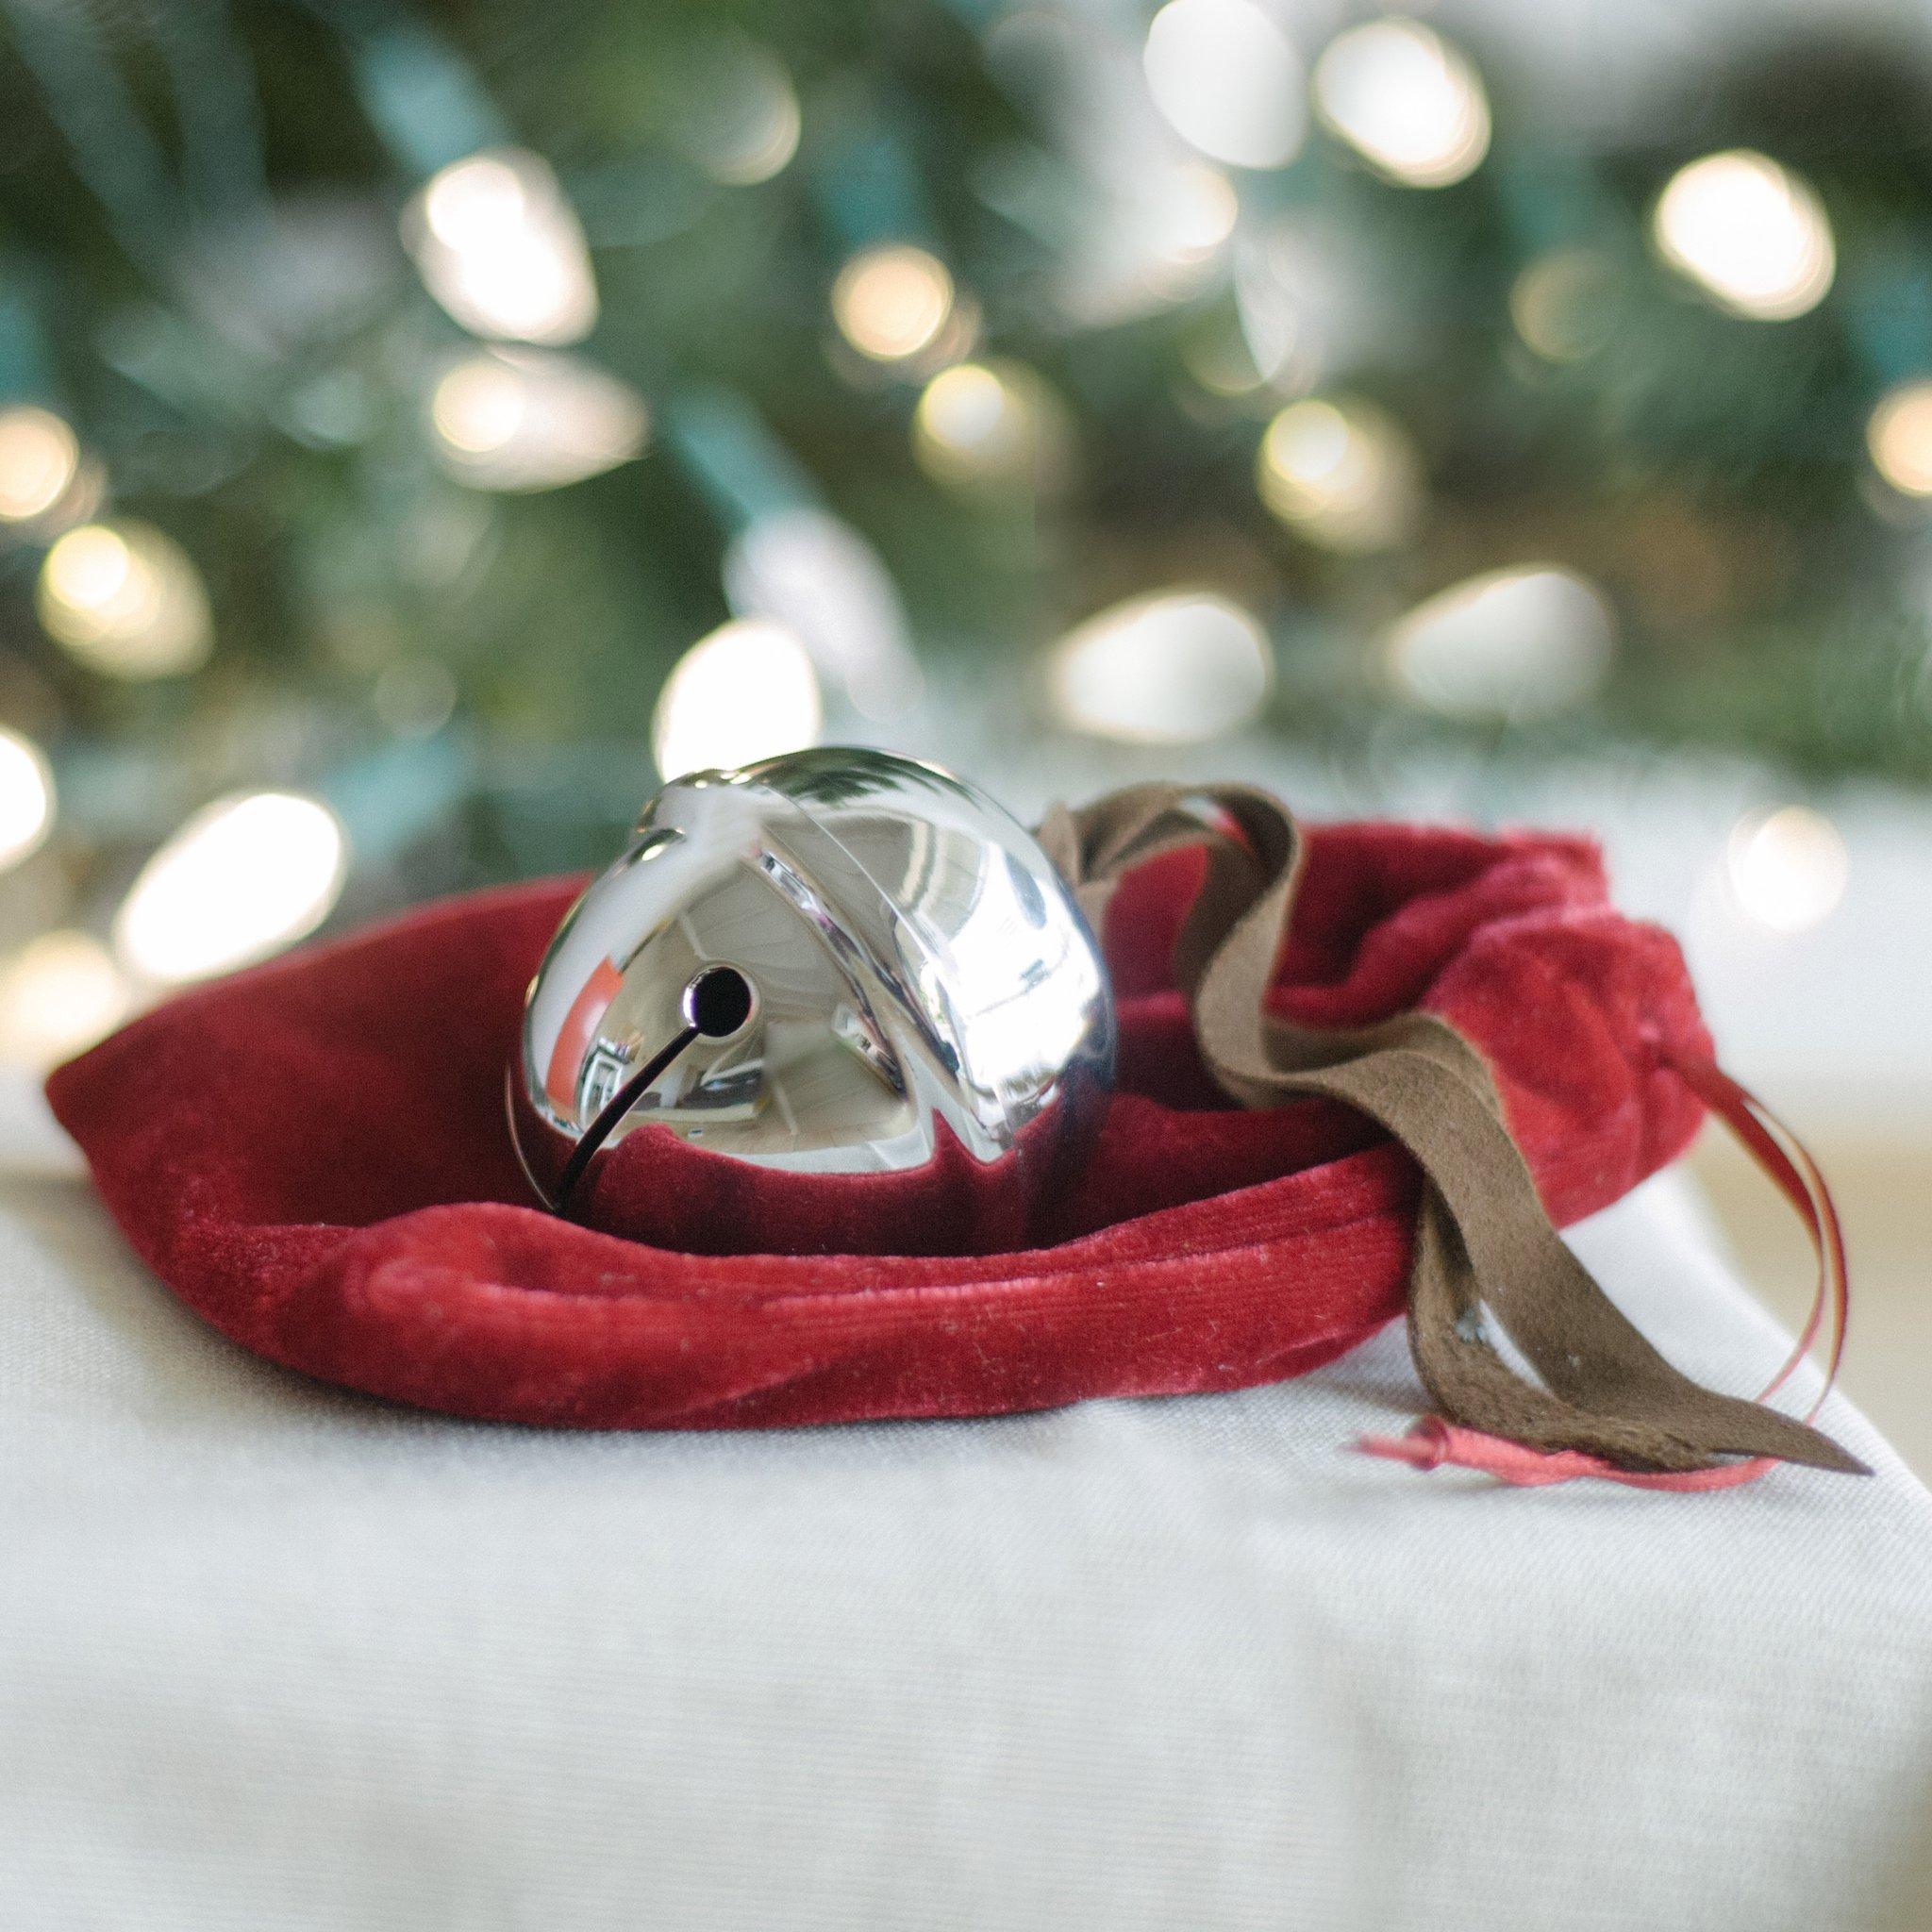 Magical Bells The Polar Express Sleigh Bell Gift Set | eBay